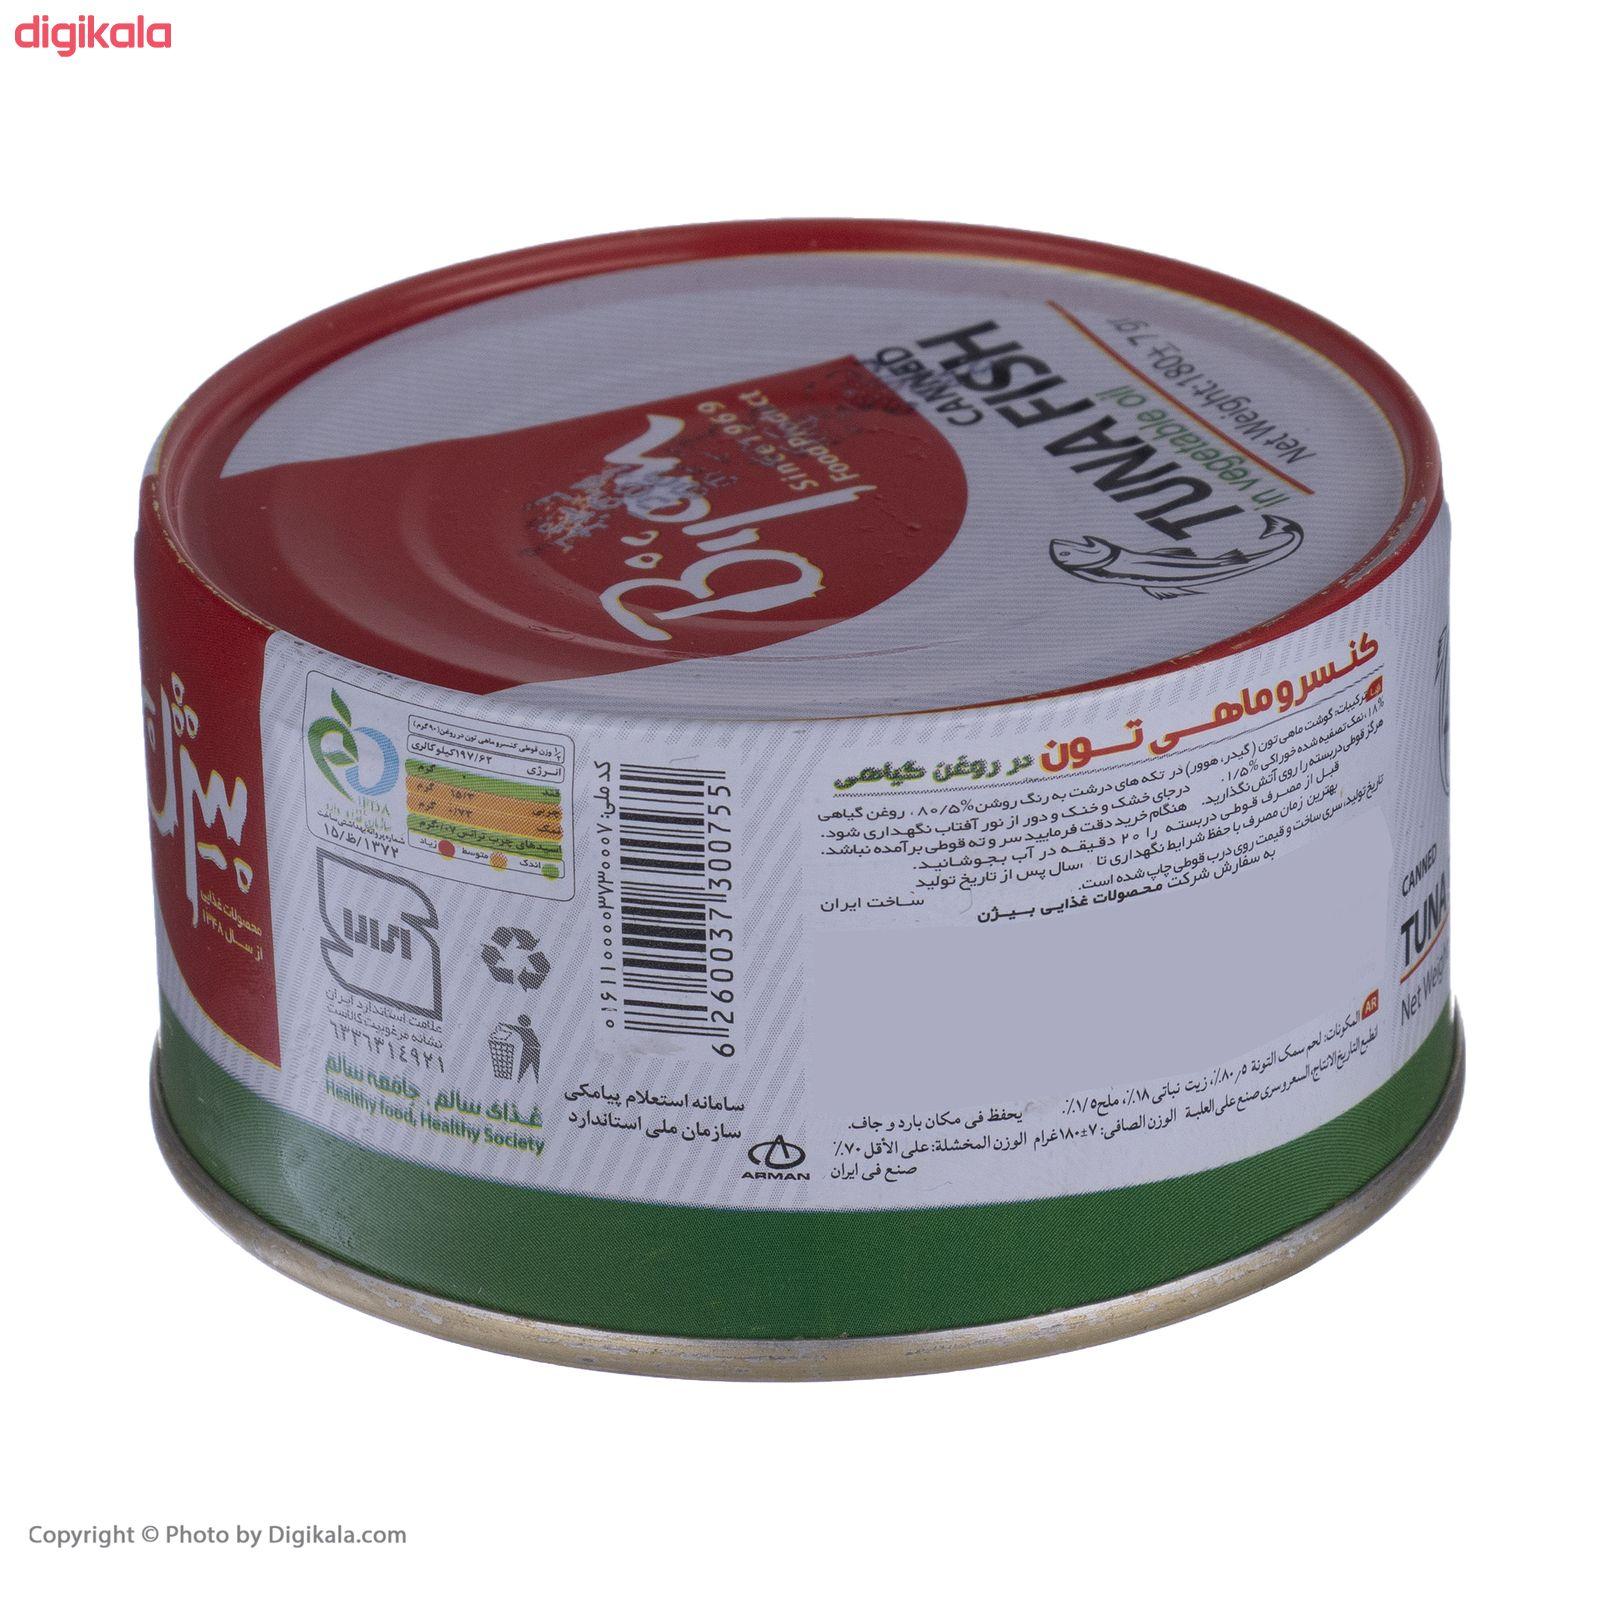 کنسرو ماهی تون در روغن گیاهی بیژن - 180 گرم main 1 2